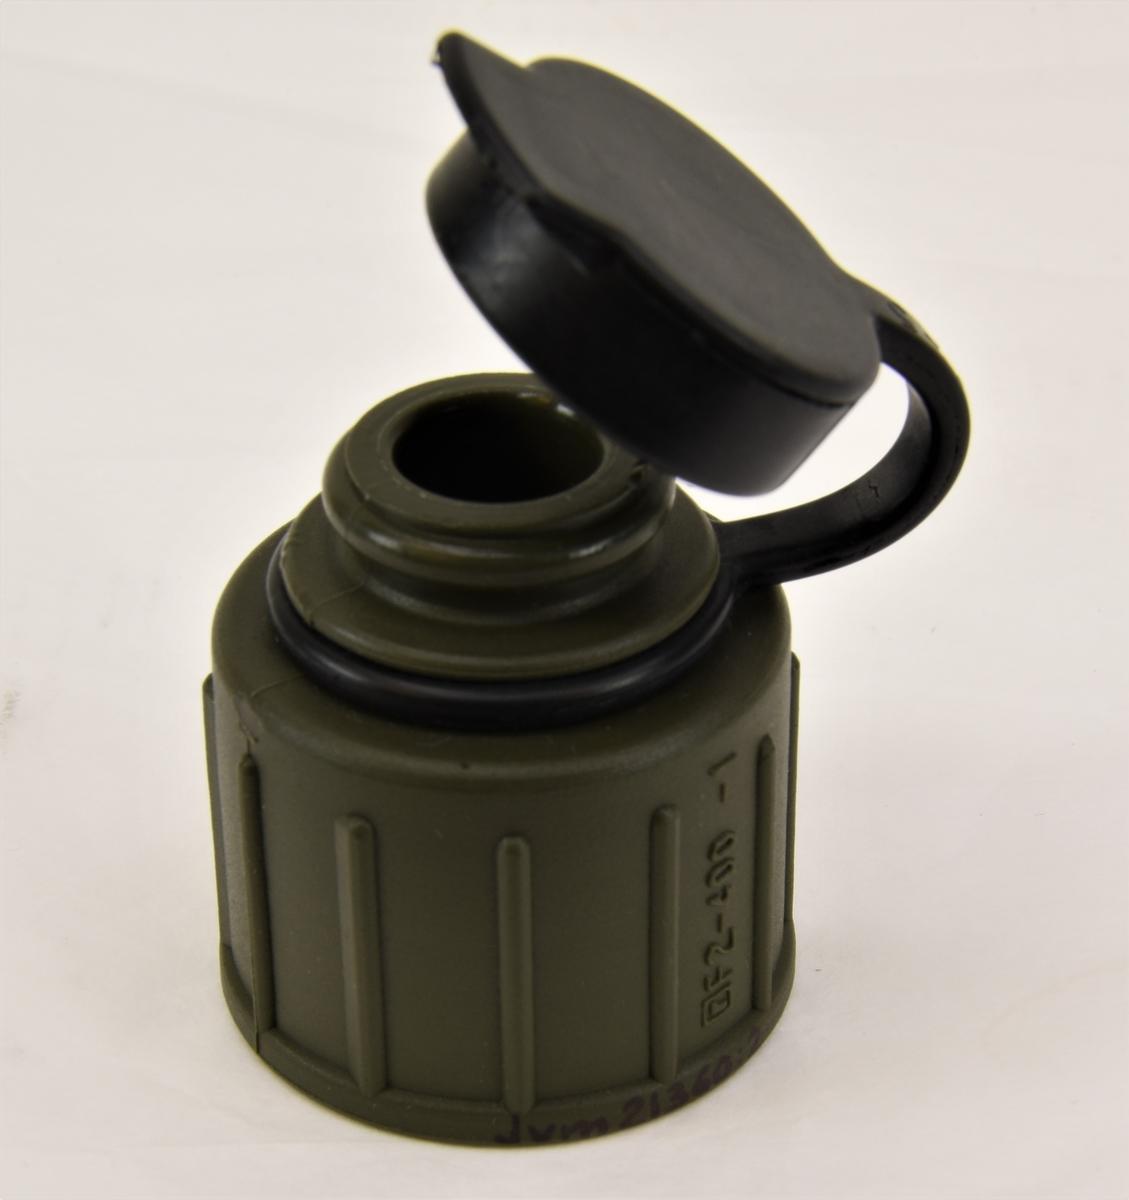 Vattenflaska av rektangulär form, avsmalnad mot hals och tillverkad av genomskinlig plast. Flaskan är märkt med text i relief på framsidan. (:1) Flaskan har en tillhörande grönfärgad kork med dricksfunktion som tillsluts av en svart gummikork med märkning. (:2) Flaskan ligger i ett flaskskydd, ett så kallat C-skydd, av grönfärgad plast i form av en påse som träs på flaskan. Hål för flaskans hals finns är utstansad i plasten. (:3) Till flaskan hör ett blåfärgat fodral med svart fodring. Fodralet är av kvadratisk form och stängs med ett kardborreband fäst på locket. (:4) I fodralet ligger ett spännband med ett lås av plast för fäste av fodralet. (:5)